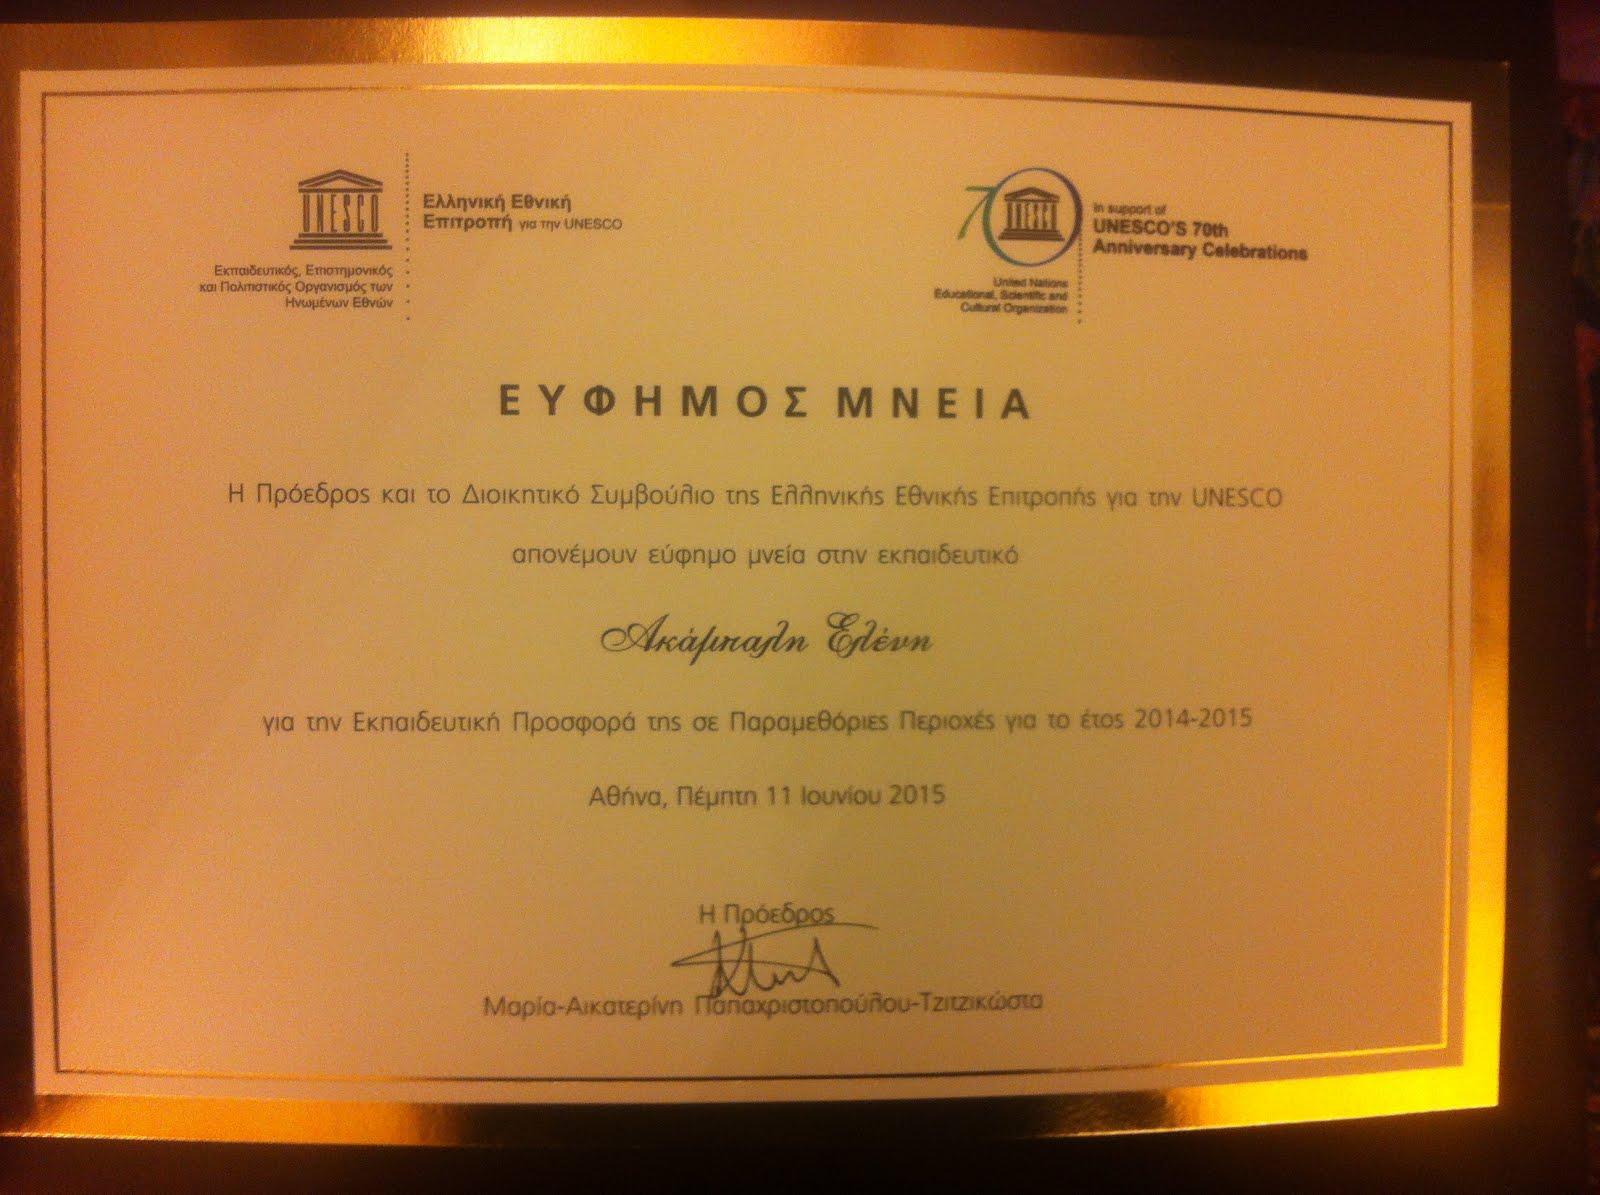 """2015- Το blog μας στα """"Βραβεία Εκπαιδευτικής Προσφοράς σε Παραμεθόριες Περιοχές"""" 2012-14"""